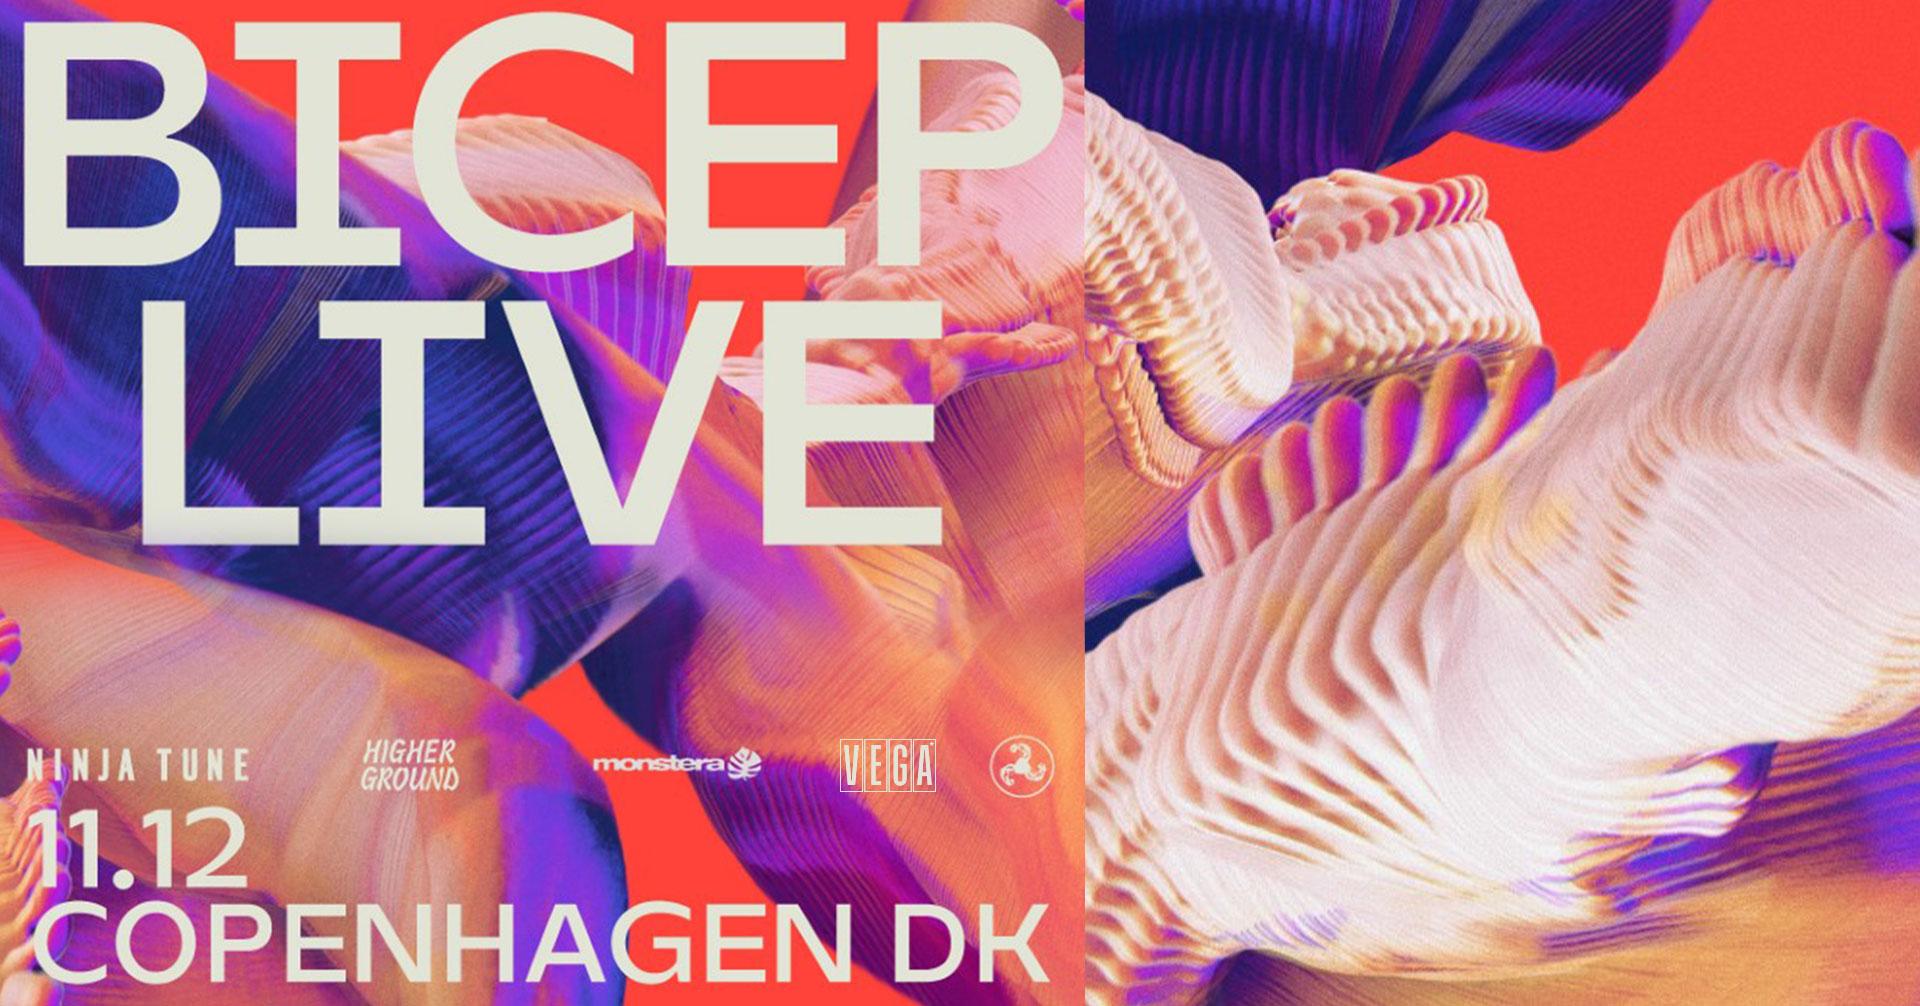 Vega - Bicep Live